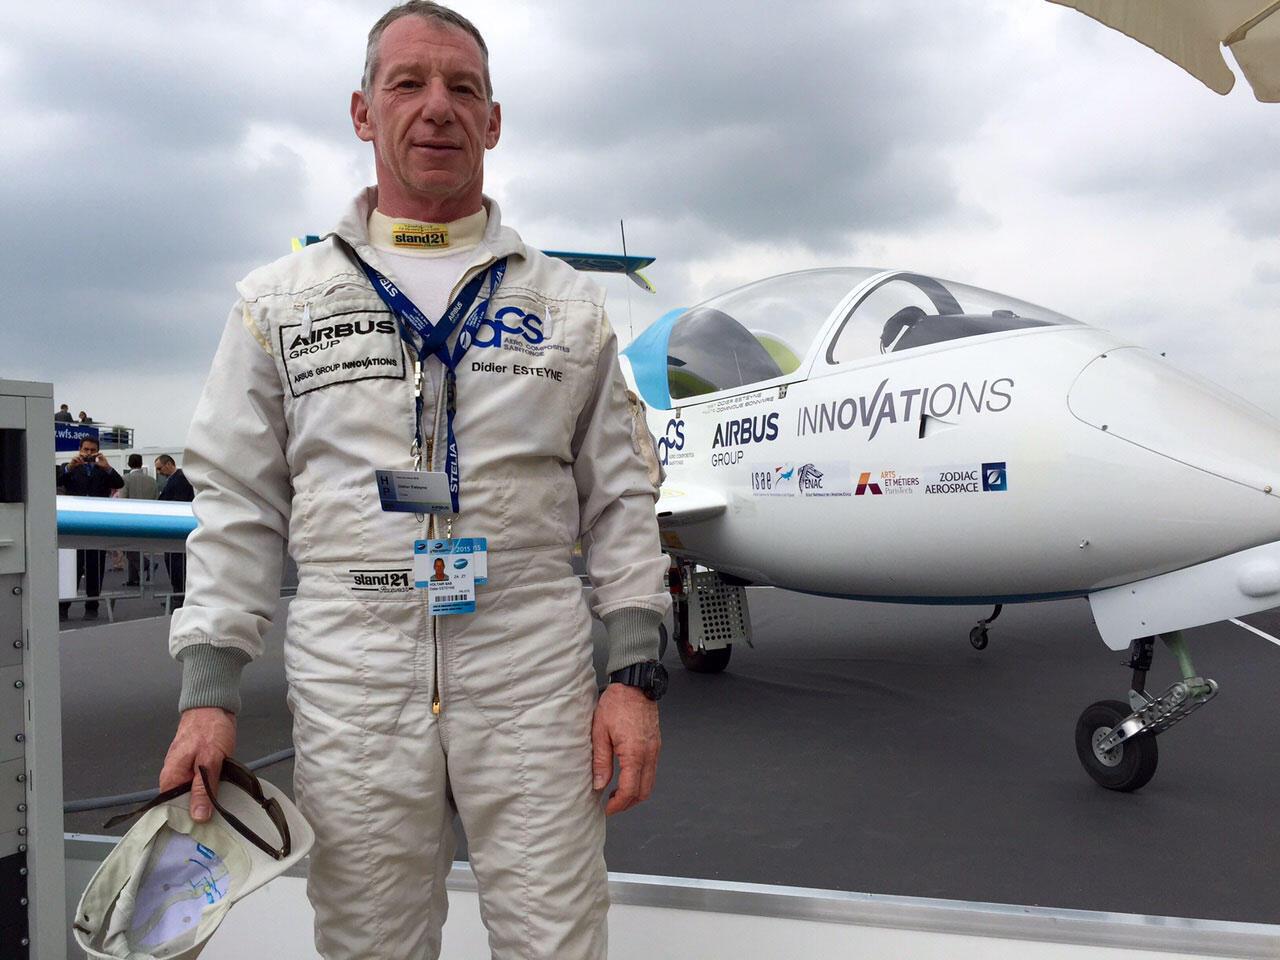 Didier Esteyne devant l'E-Fan, le premier avion électrique mis au point par Airbus.